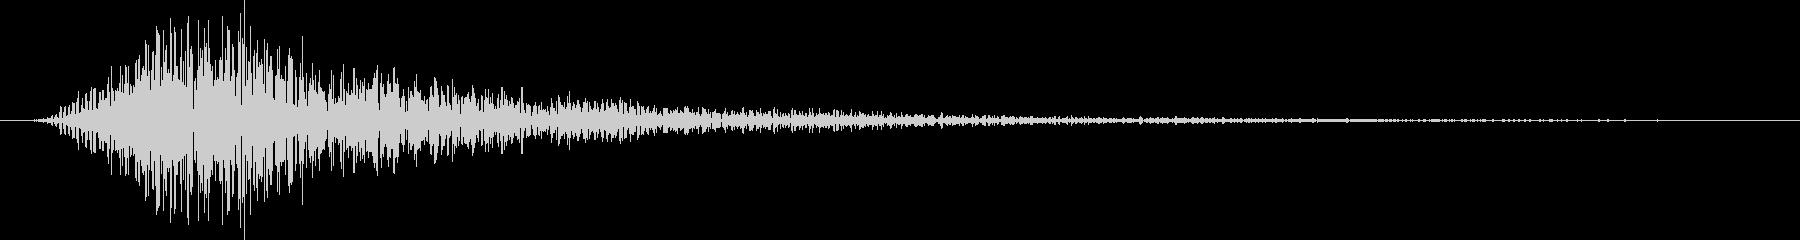 サウンドロゴ(清潔、約束)の未再生の波形